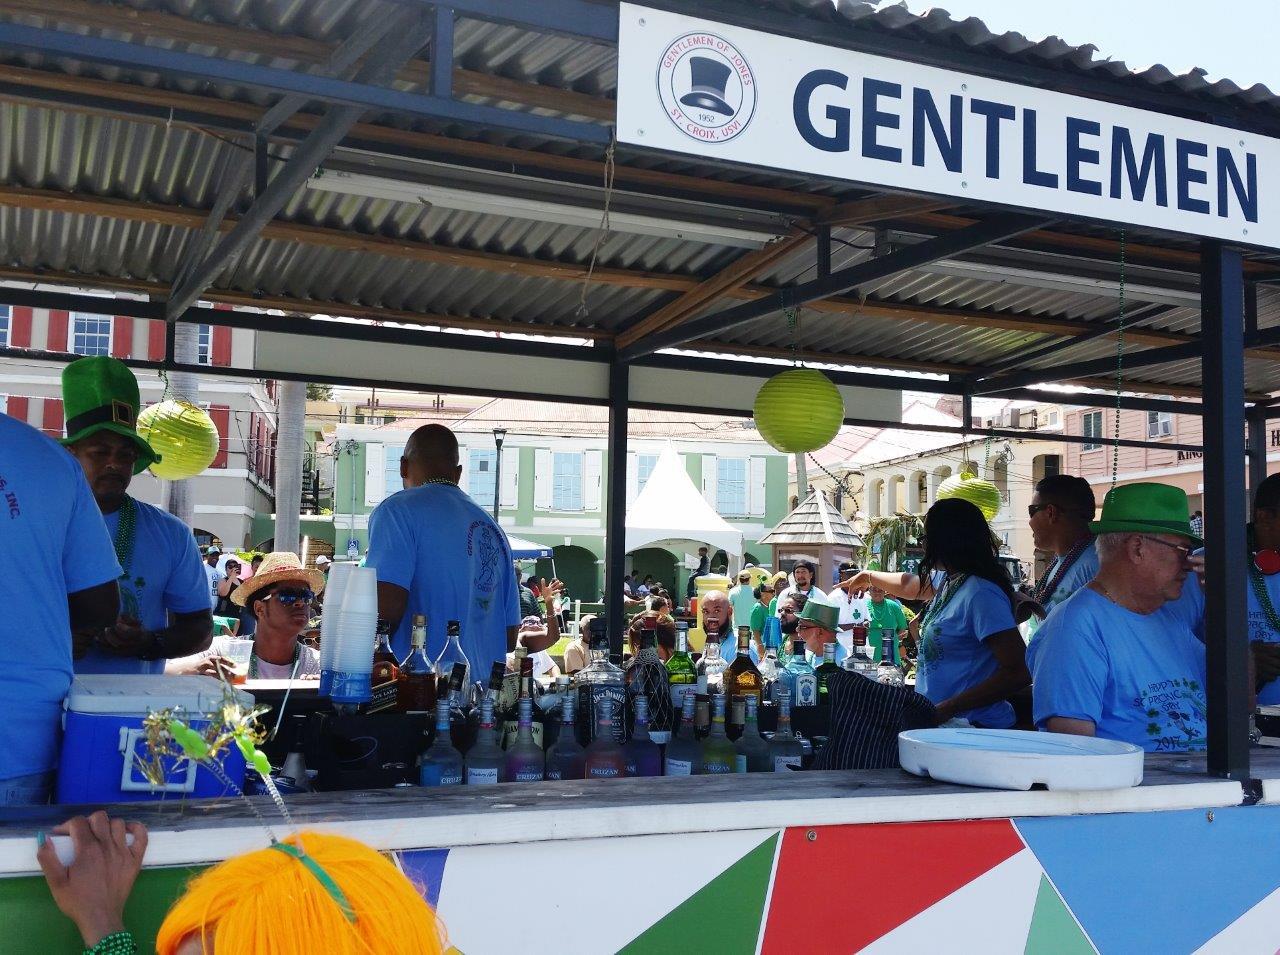 Parade float bar...enough said!